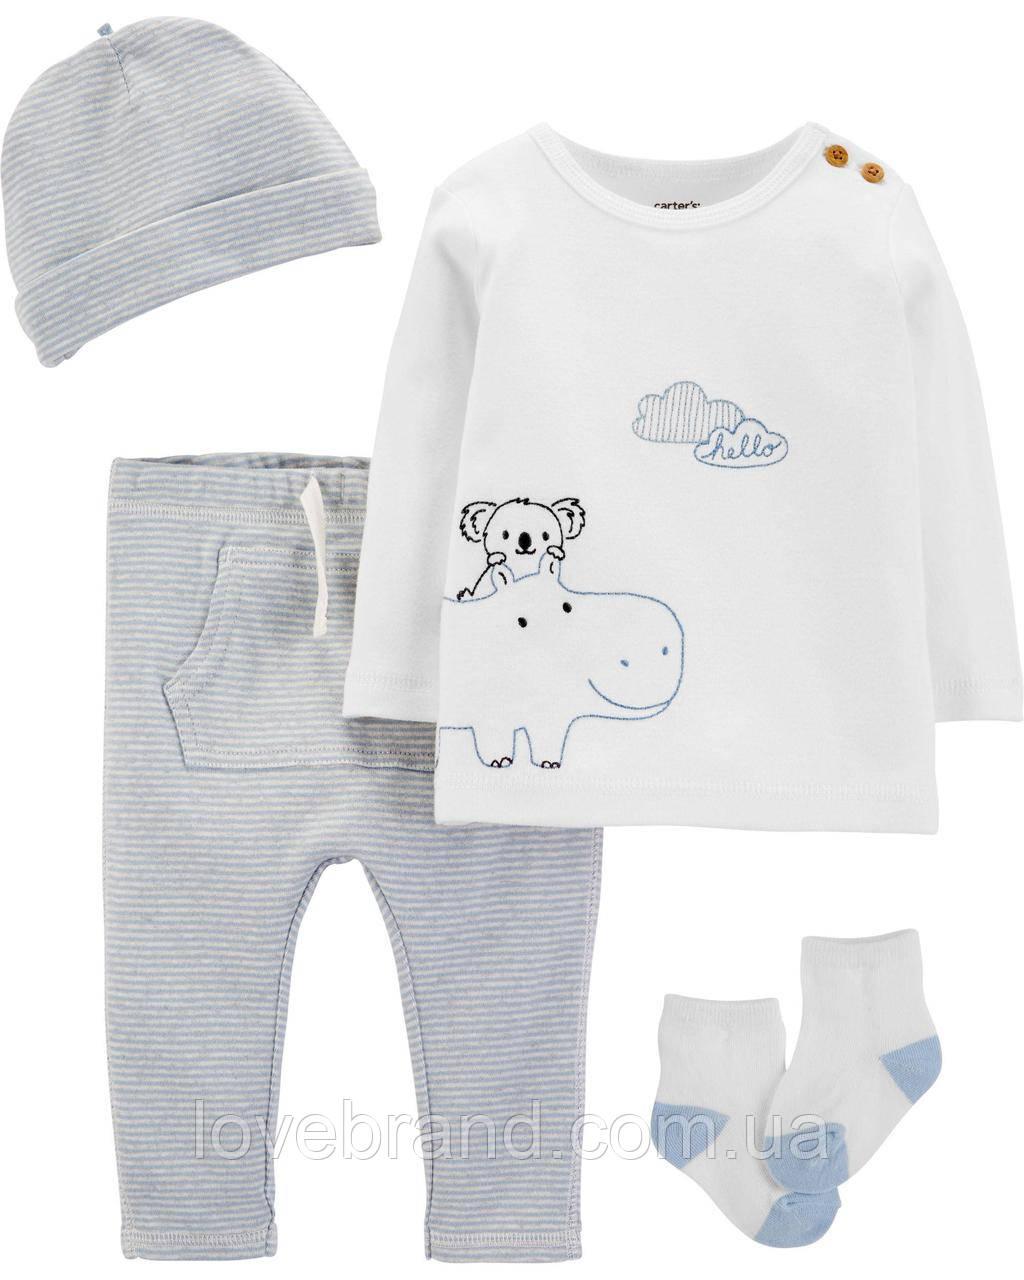 Набор для новорожденного малыша Carter's